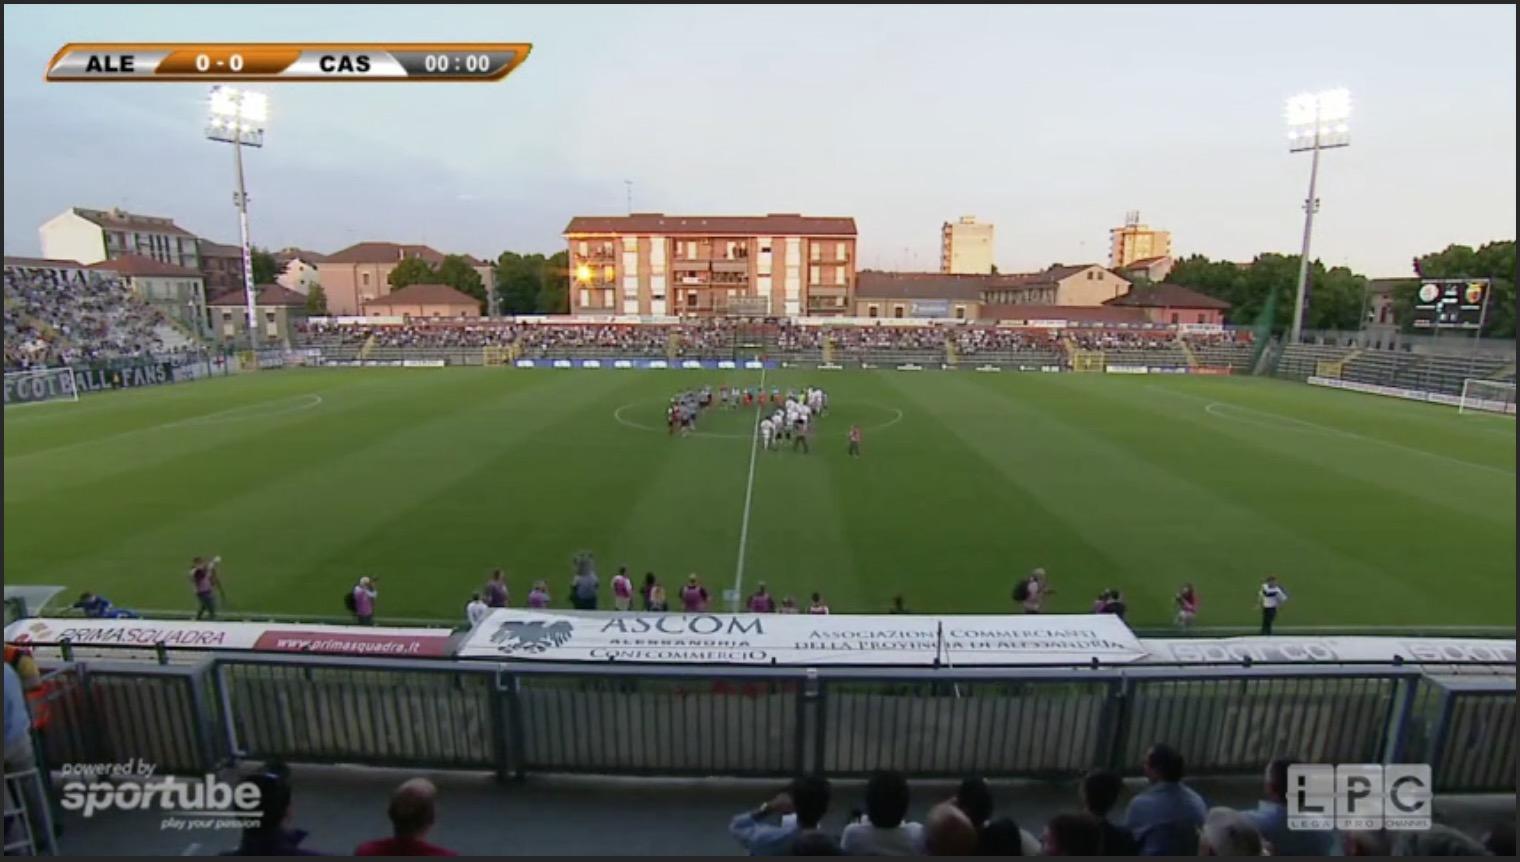 Lecce-Alessandria 1-1 Calcio legapro, quarti di finale. Domenica il ritorno